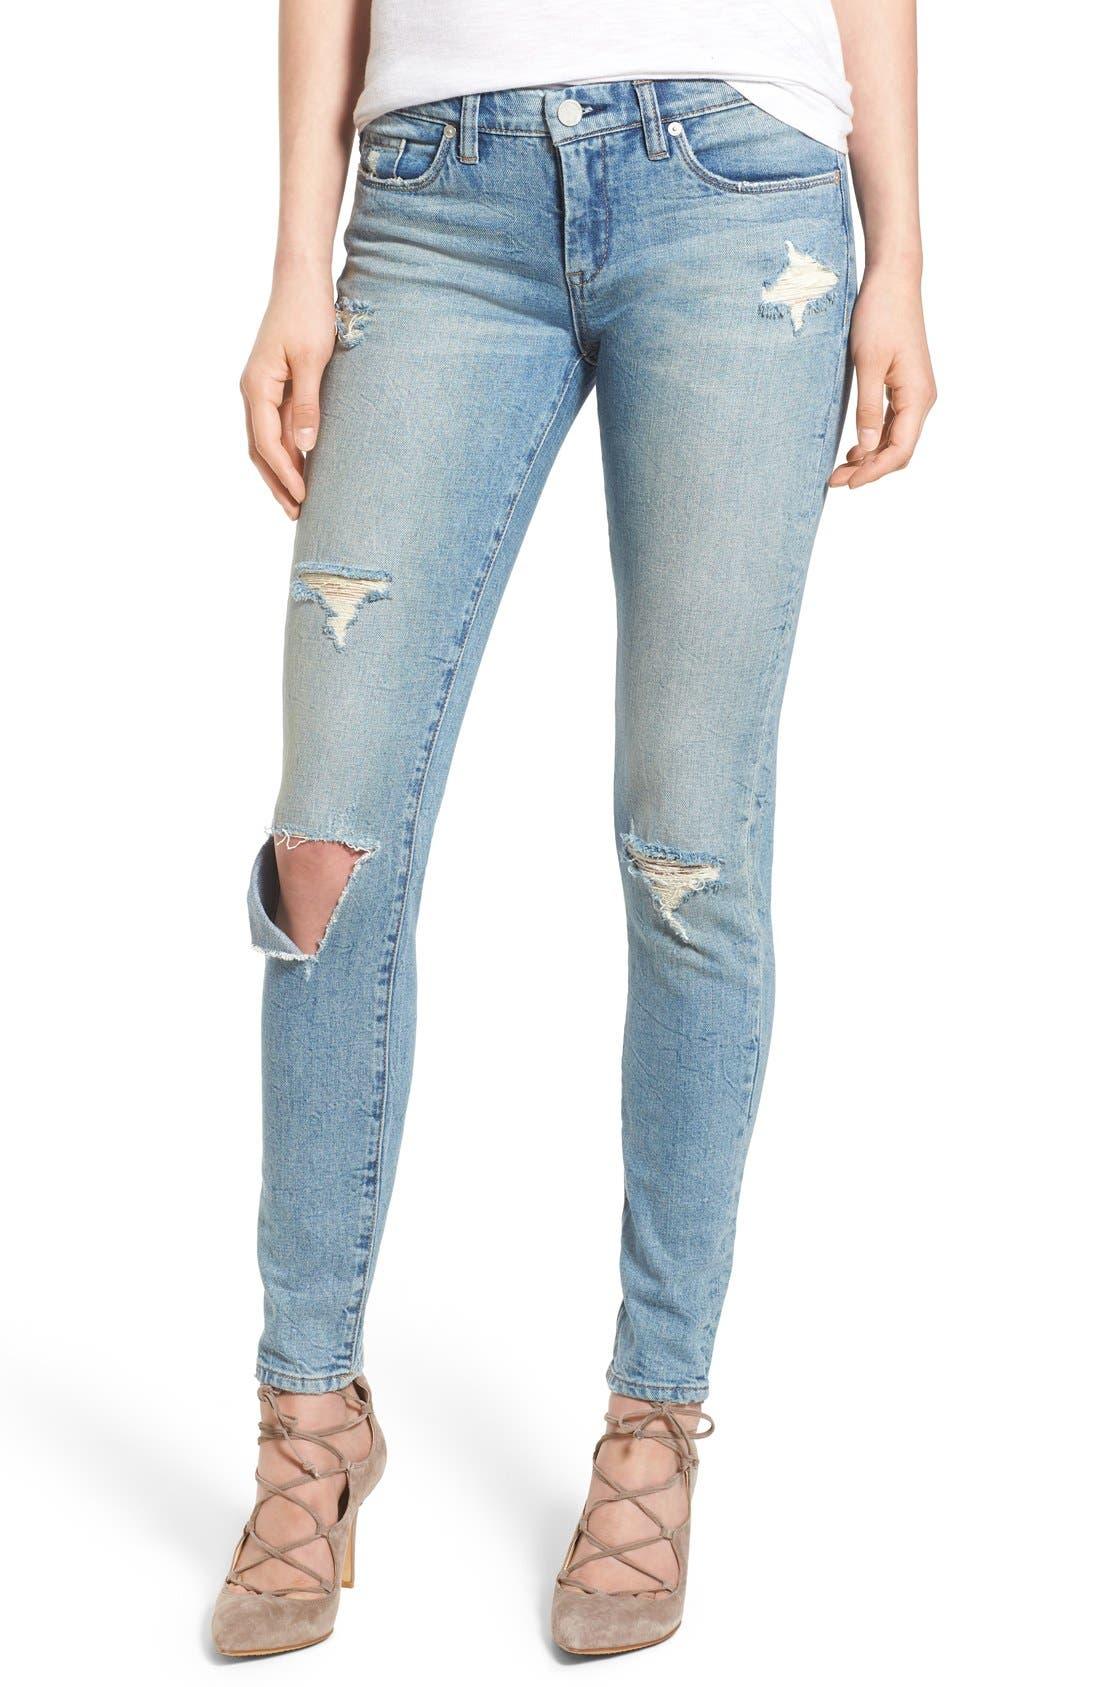 Alternate Image 1 Selected - BLANKNYC 'Skinny Dipper' Distressed Skinny Jeans